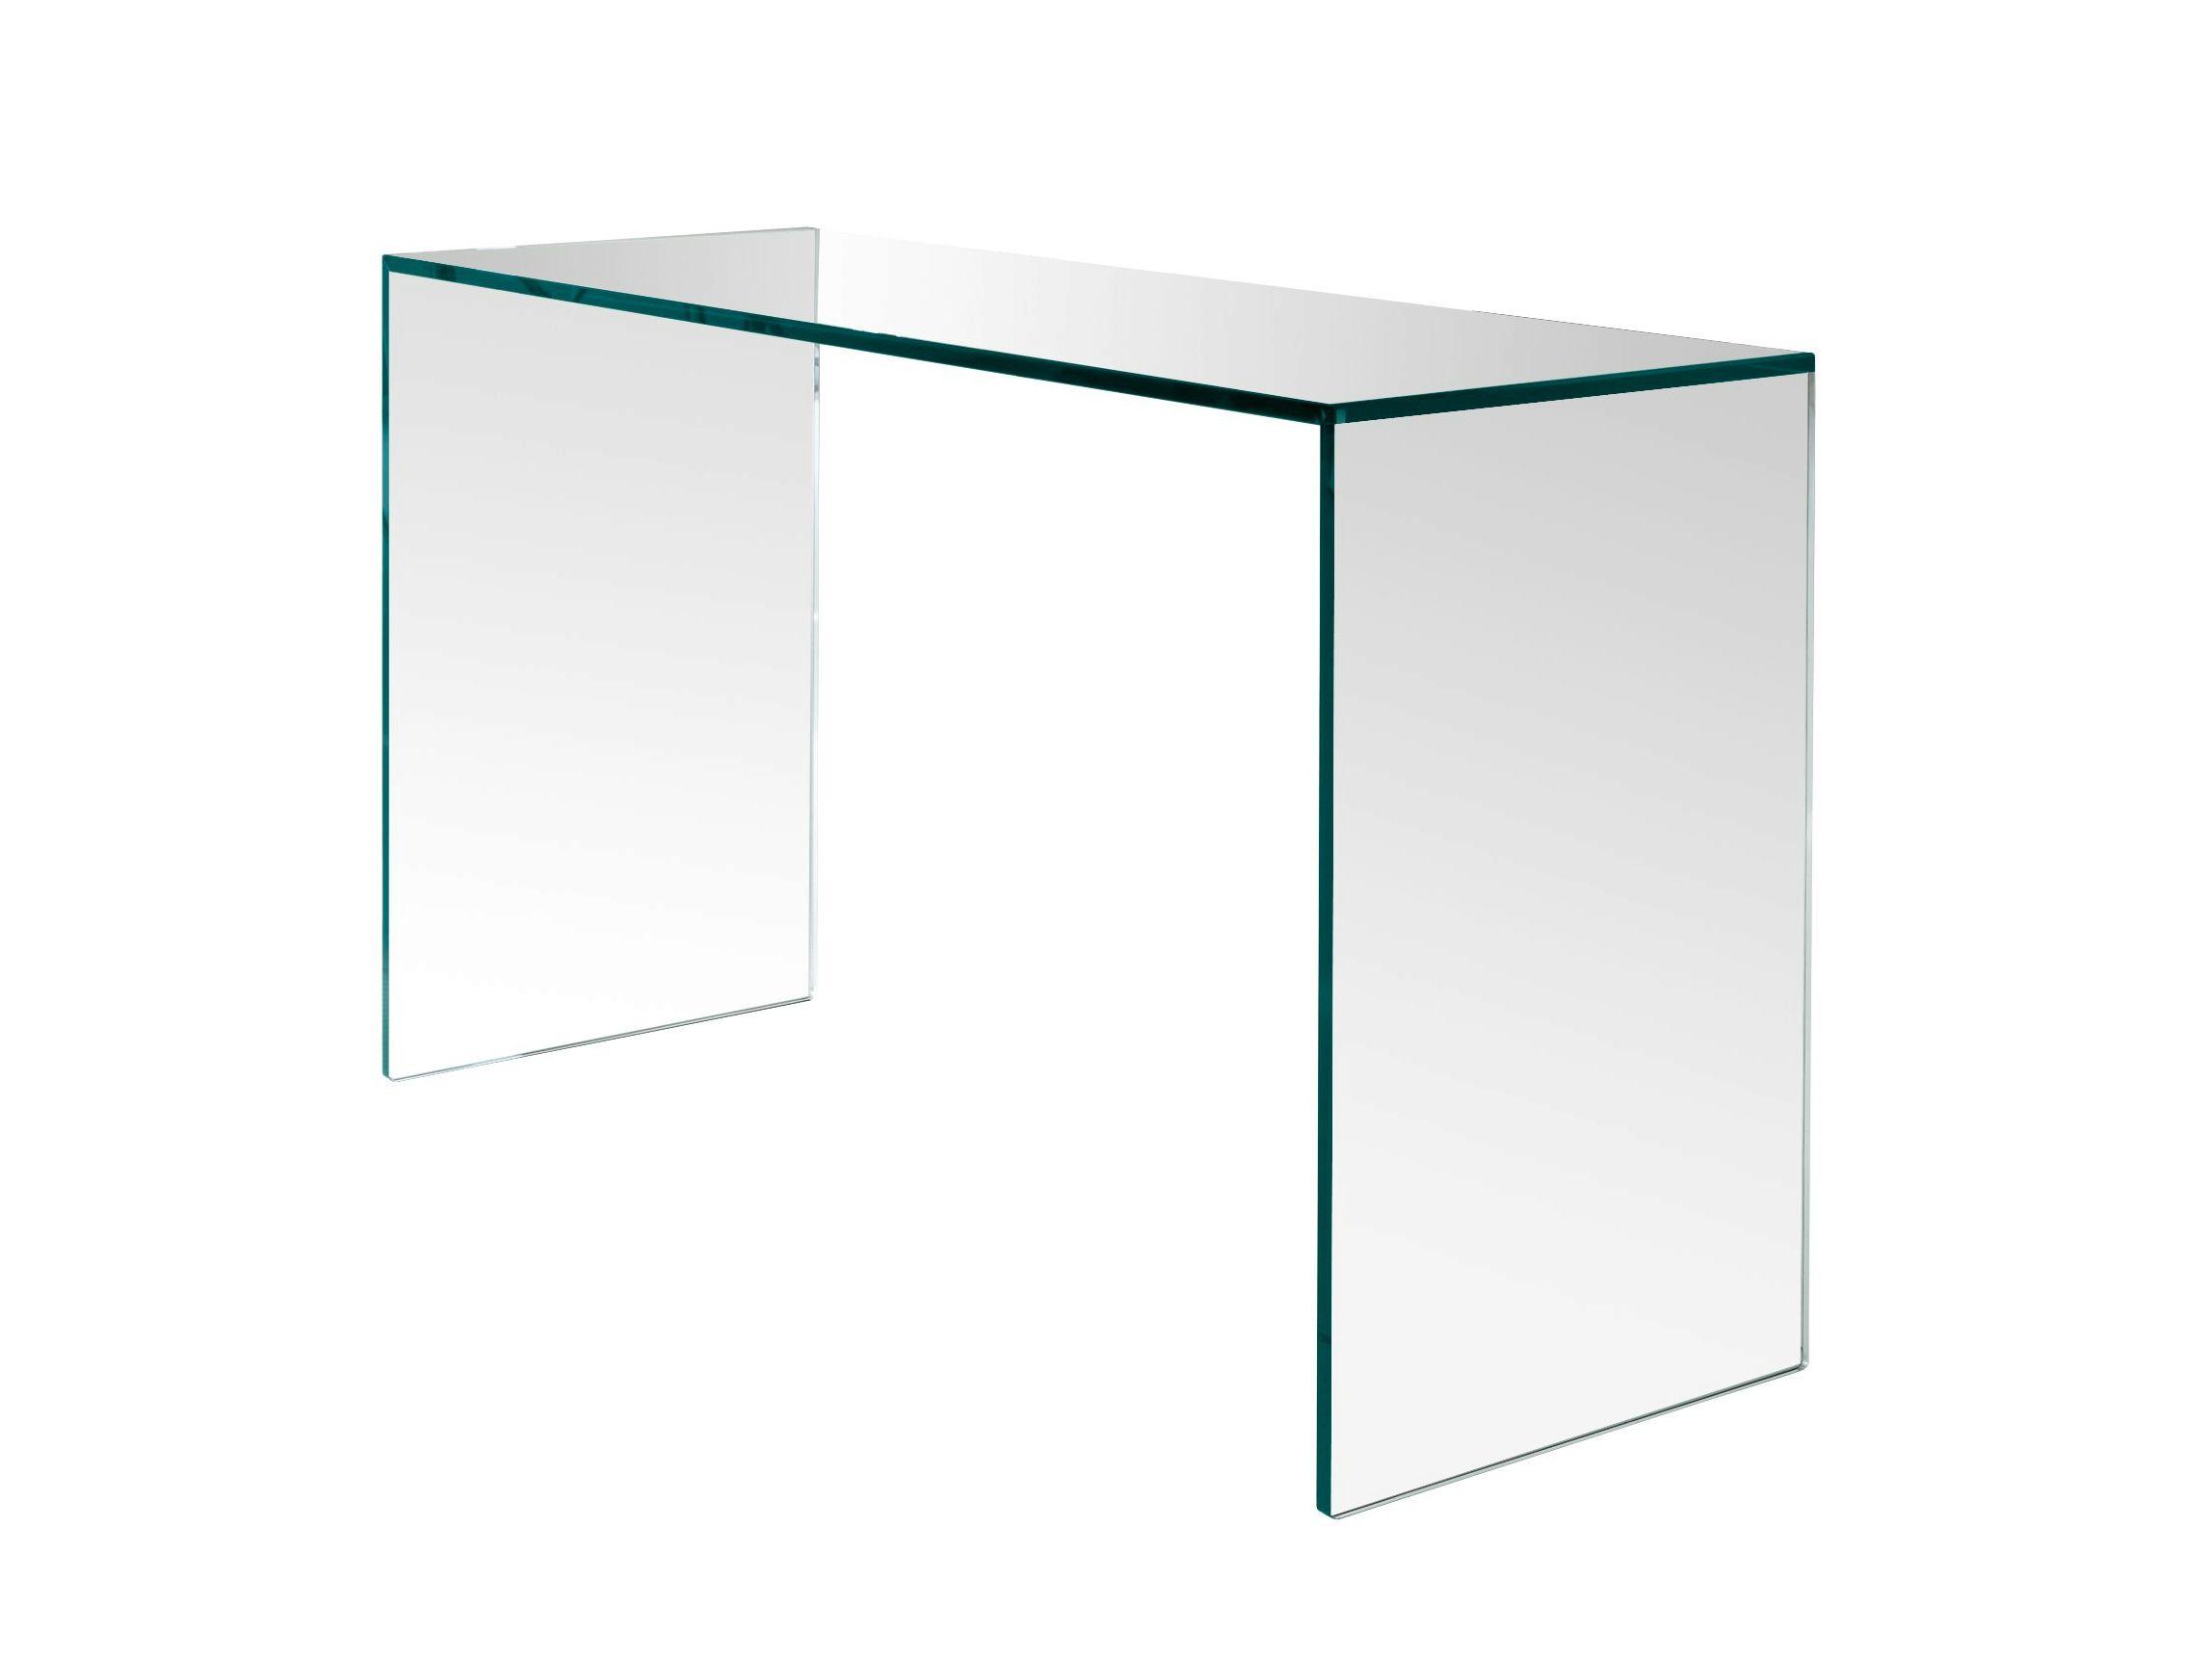 b ro schreibtisch aus glas gulliver by t d tonelli design. Black Bedroom Furniture Sets. Home Design Ideas